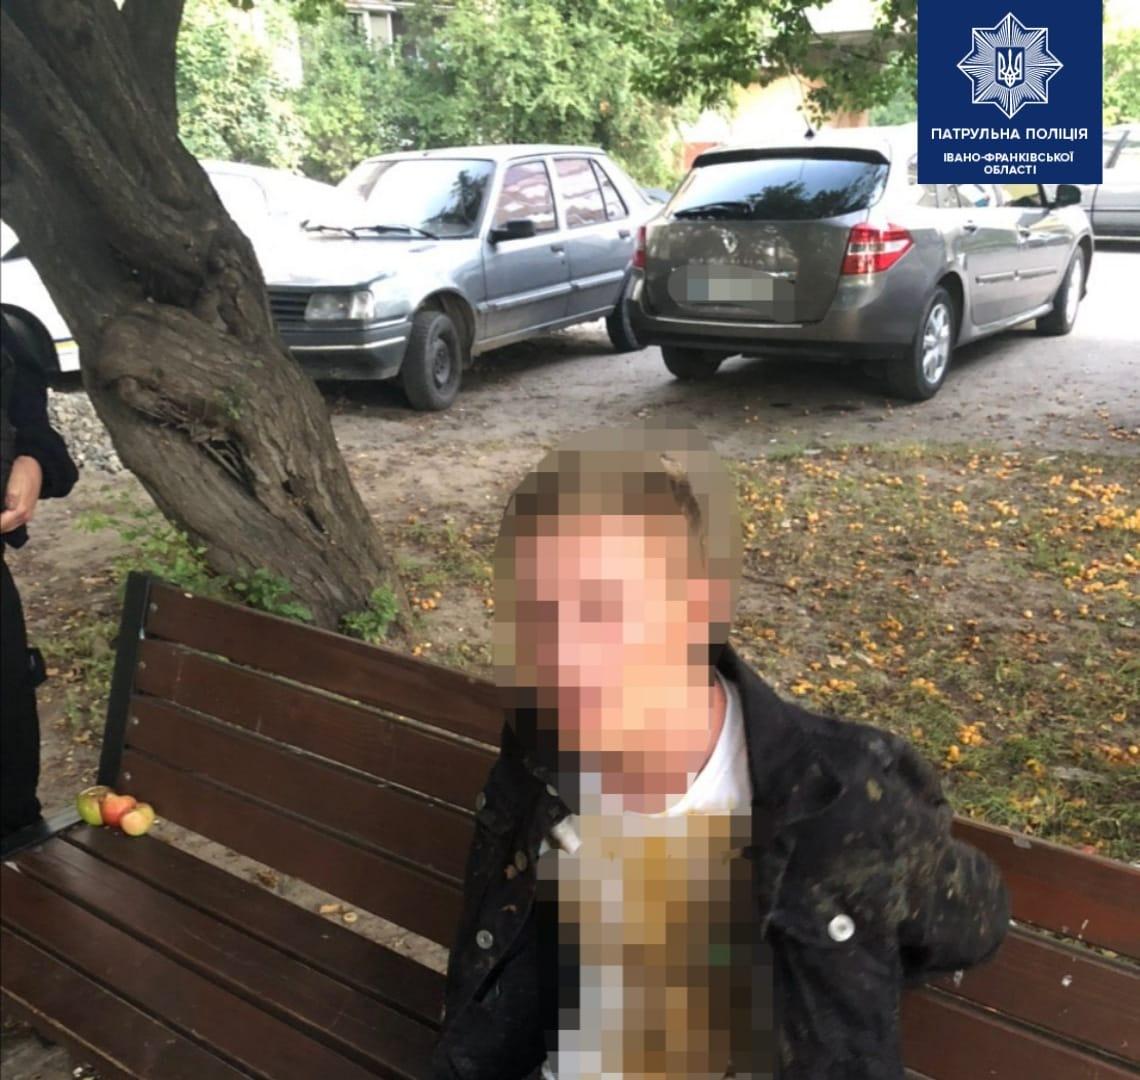 На БАМі молодик вирвав у жінки сумку: патрульні зуміли спіймати нападника (ФОТО)